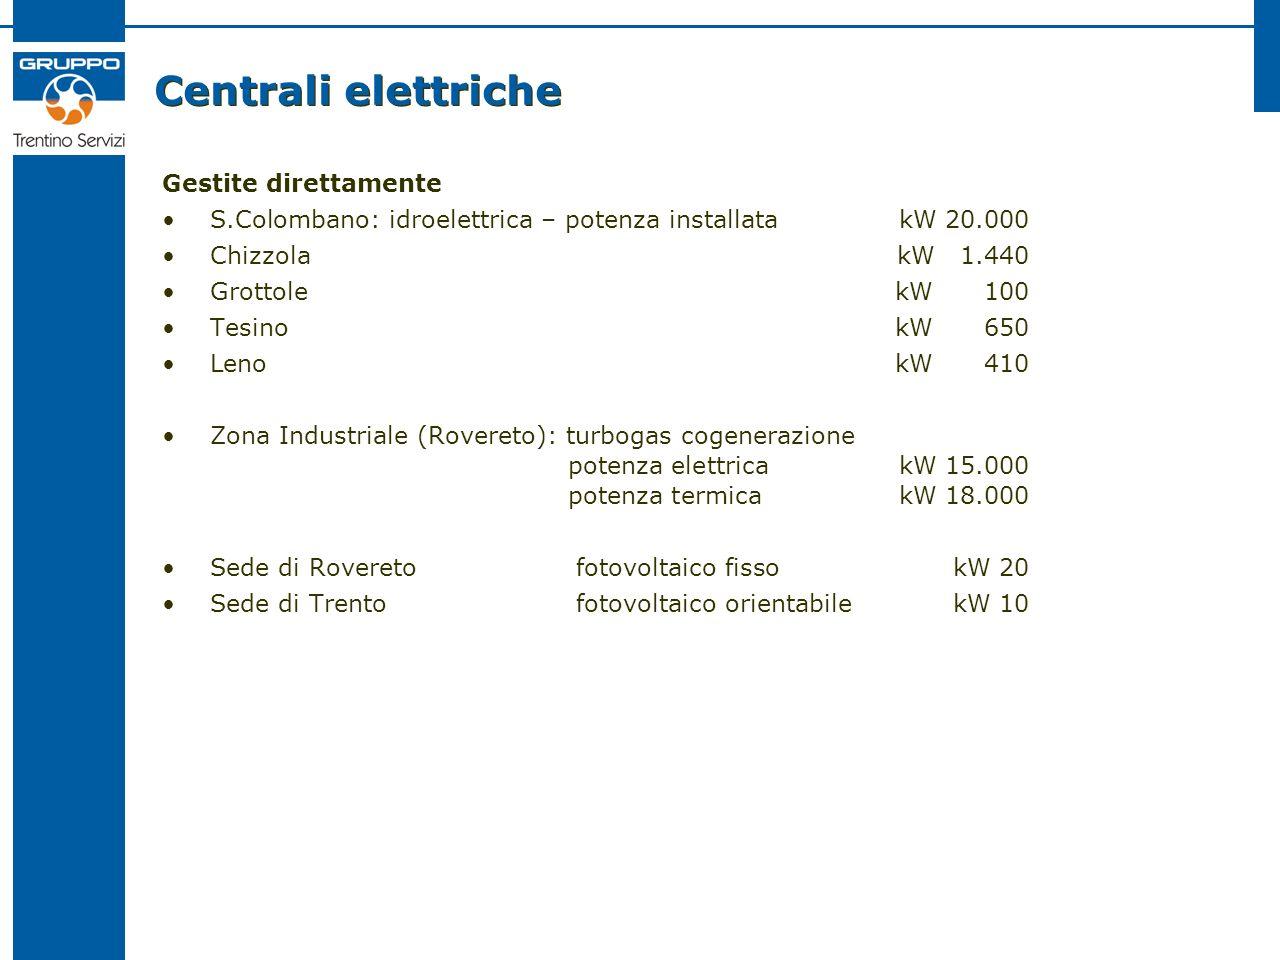 Centrali elettriche Gestite direttamente S.Colombano: idroelettrica – potenza installatakW 20.000 Chizzola kW 1.440 Grottole kW 100 Tesino kW 650 Leno